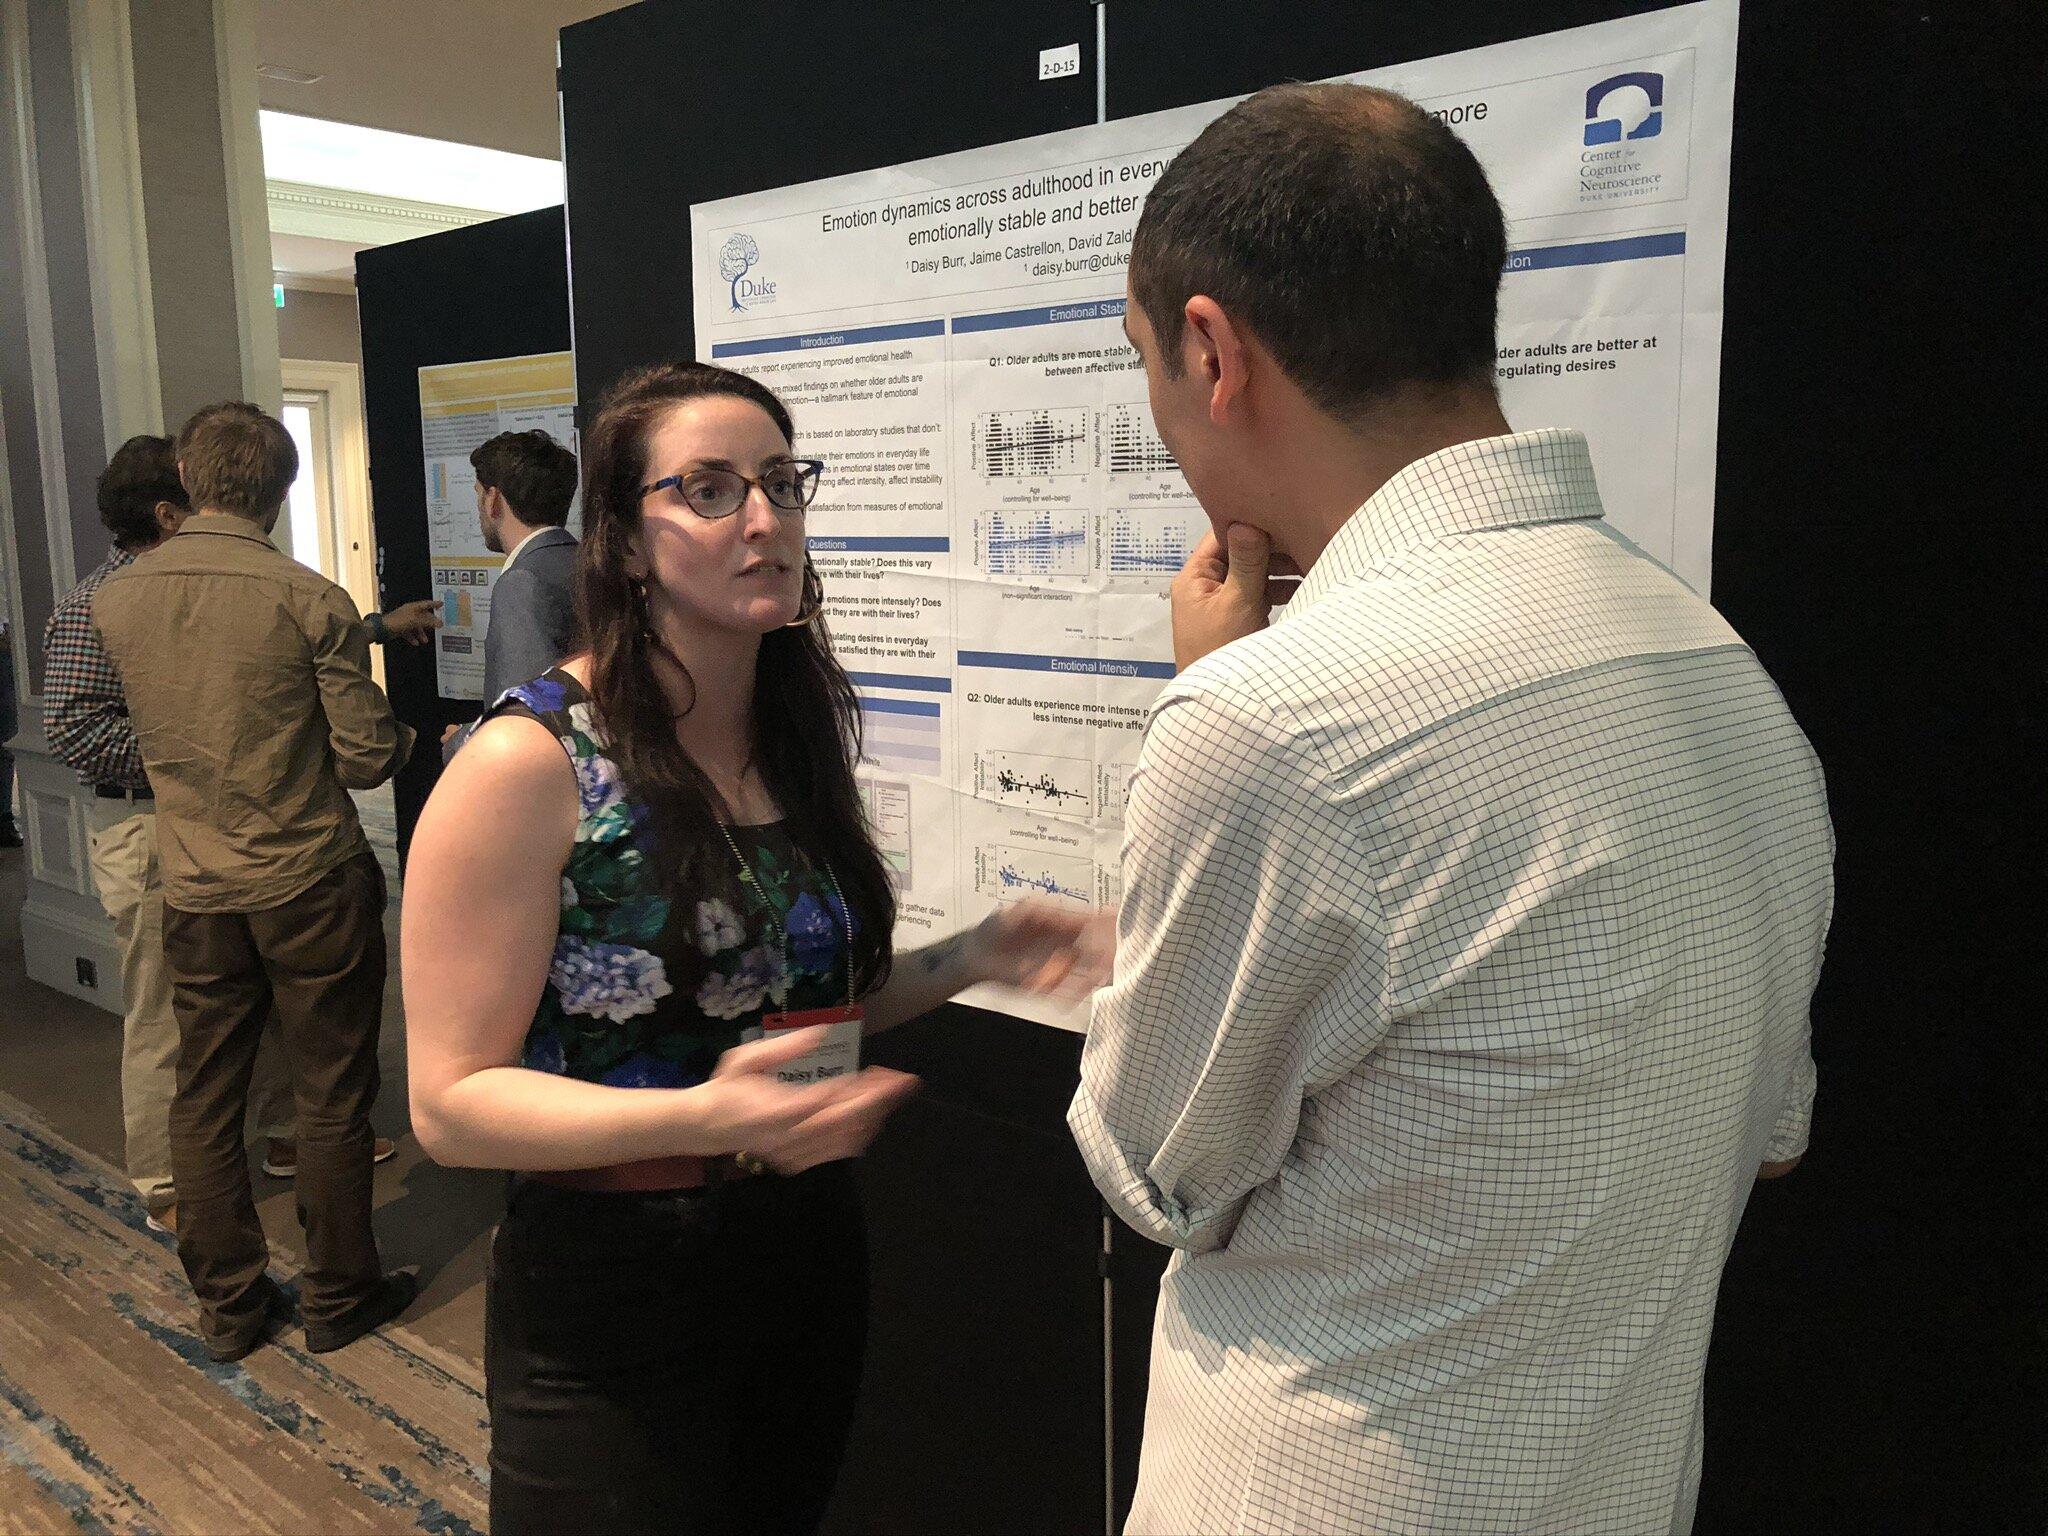 PhD student Daisy Burr